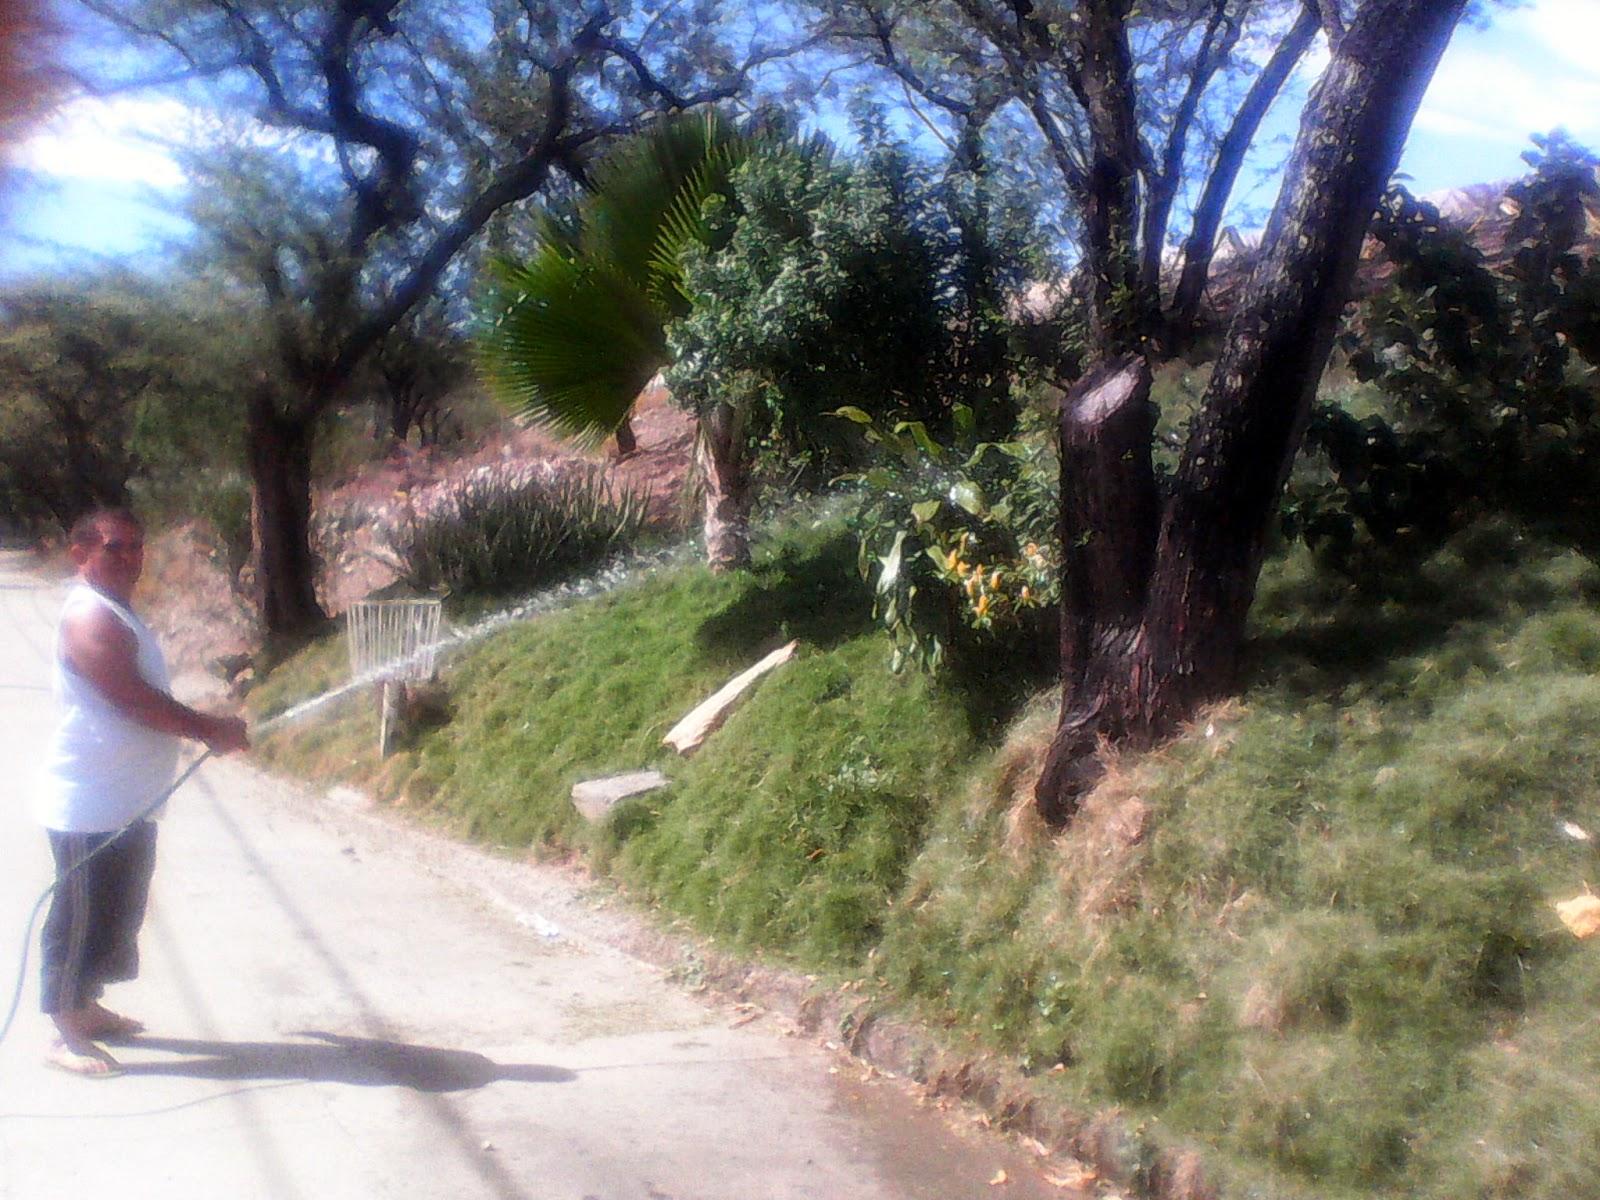 """'José Luis Castellanos es un habitante del sector """"Ecoparque Divino Niño de Chapinero en la ciudadela de Juan Atalaya"""", quien da ejemplo de amor por la naturaleza, el medio ambiente y la vida'"""